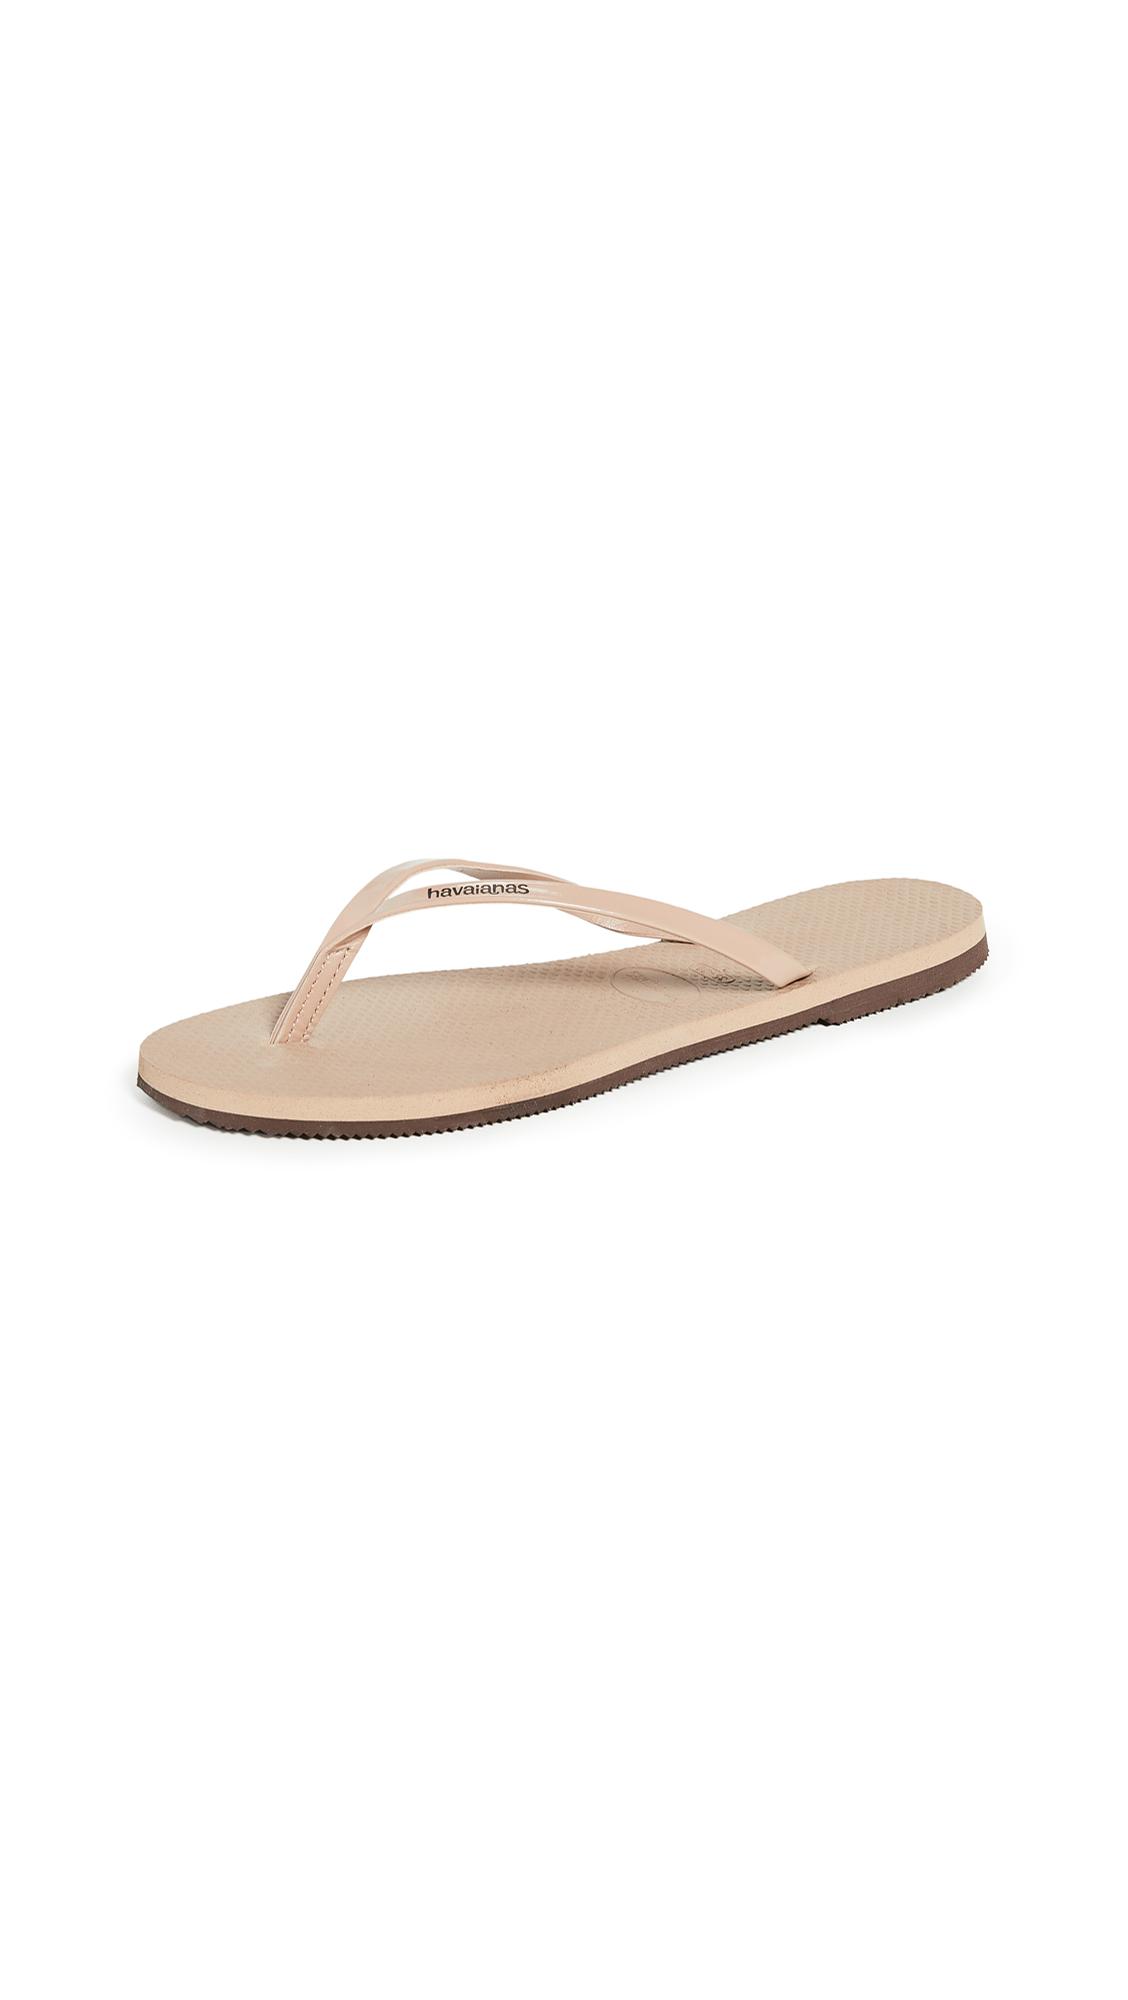 Buy Havaianas You Metallic Flip Flops online, shop Havaianas